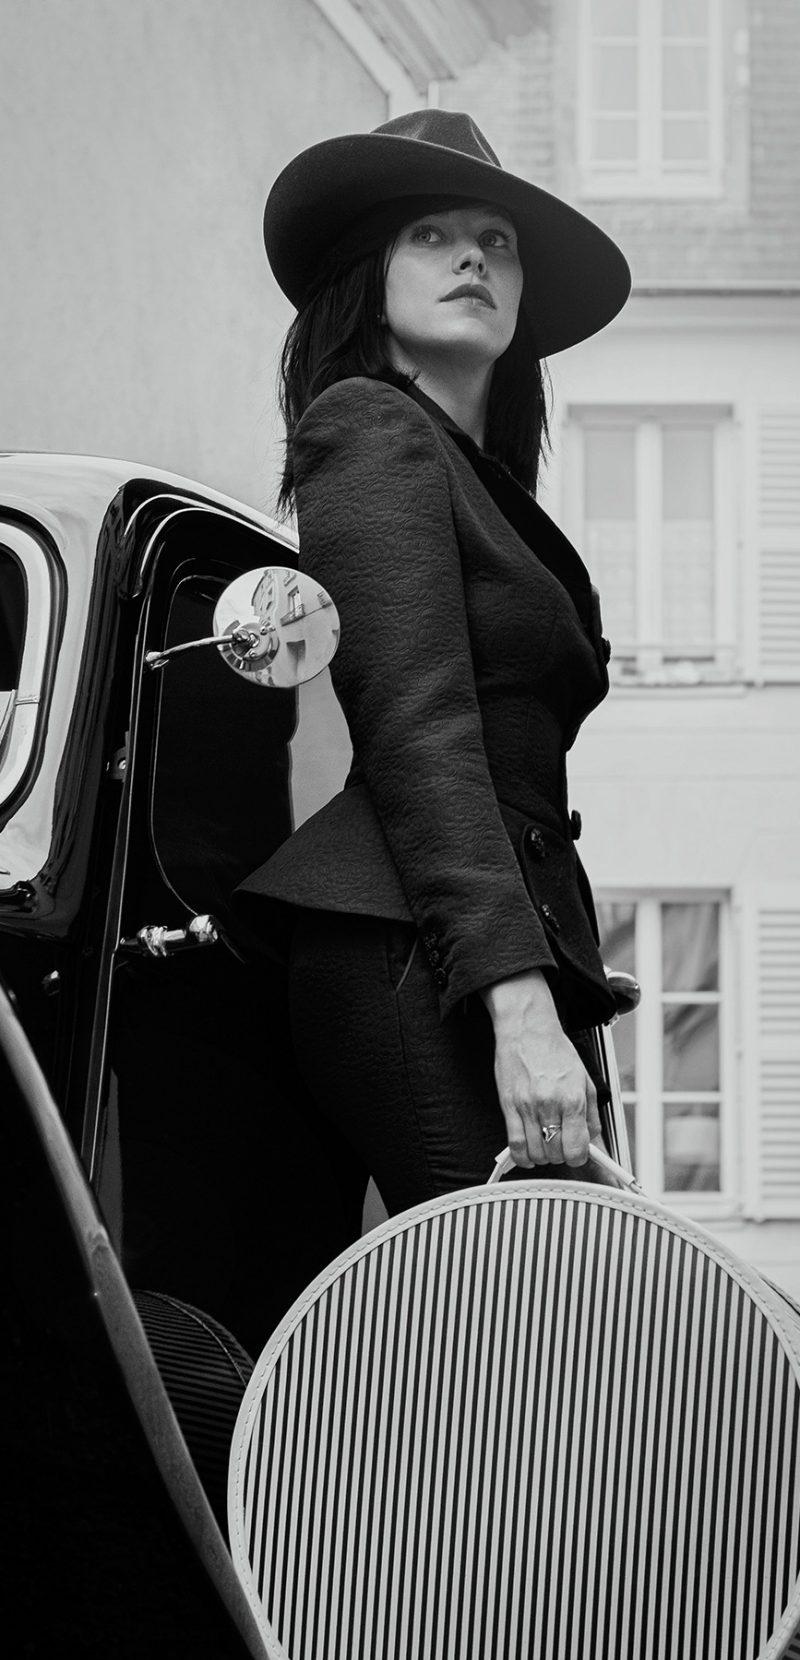 Femme_Chapeau_burgandi_paris